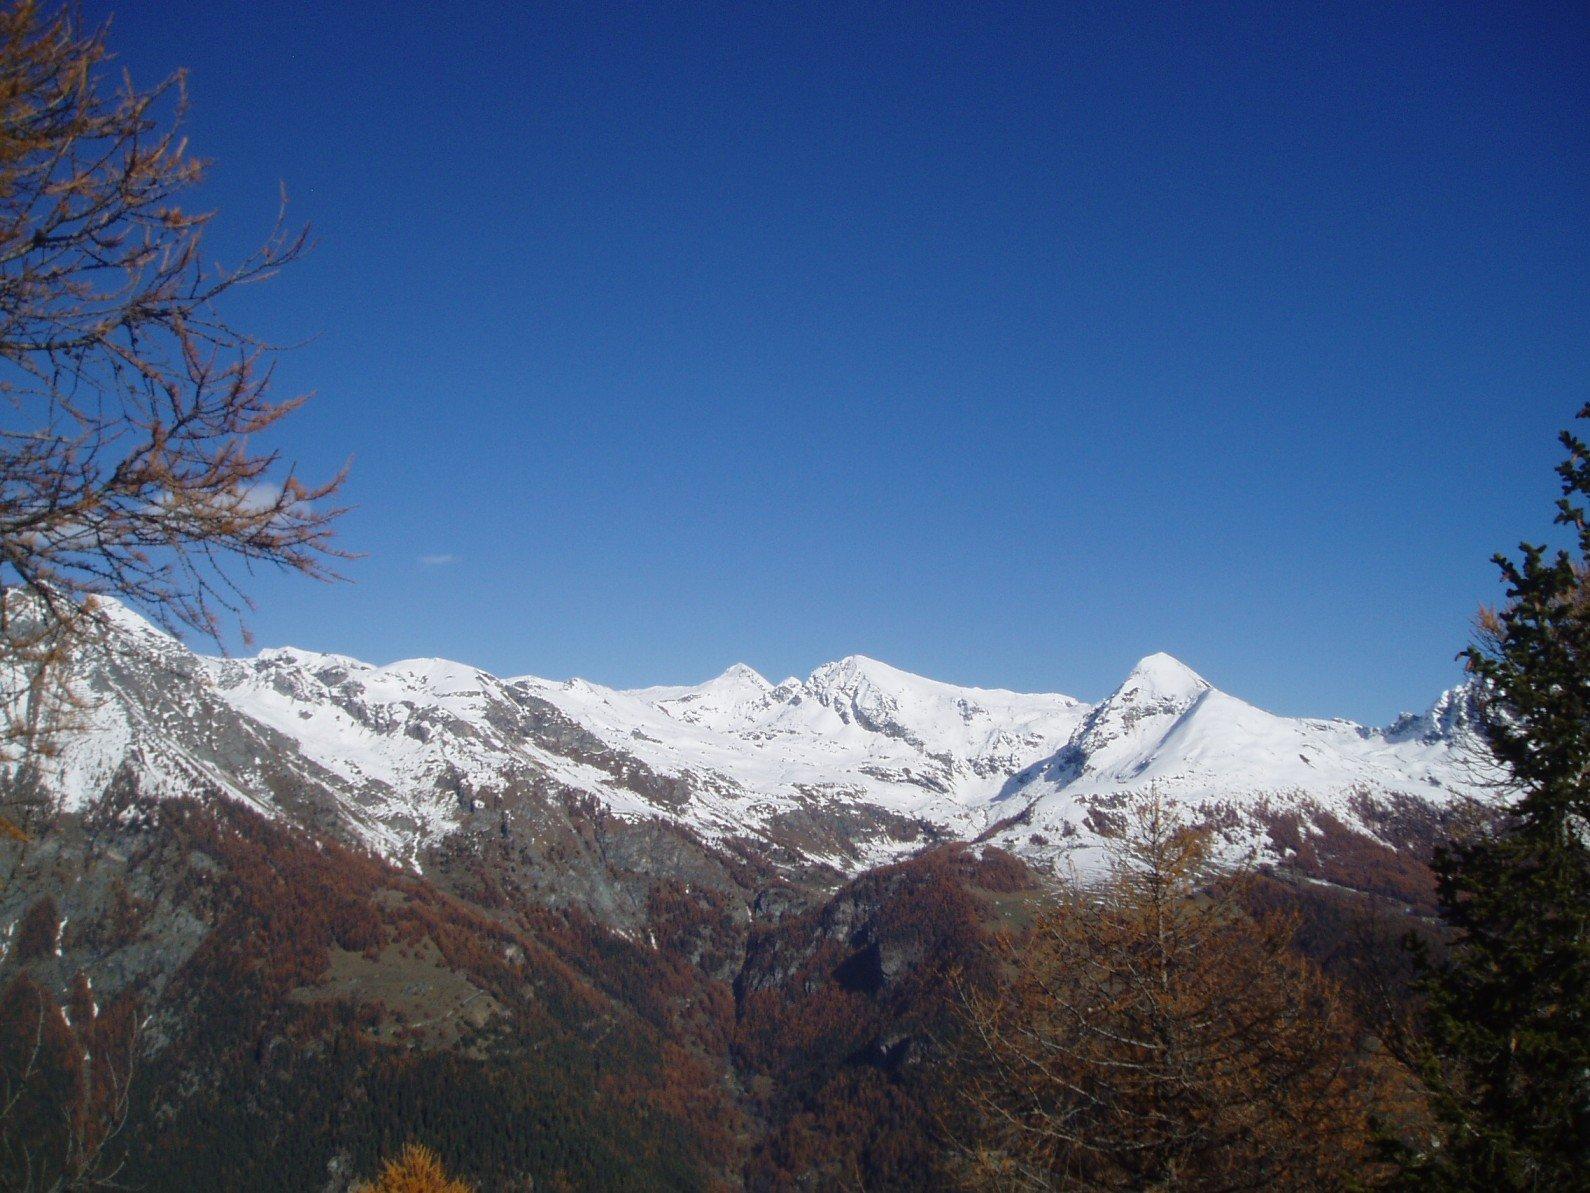 Palasina, sopra barra rocciosa, Corno Vitello, Valfredda e Bieteron.